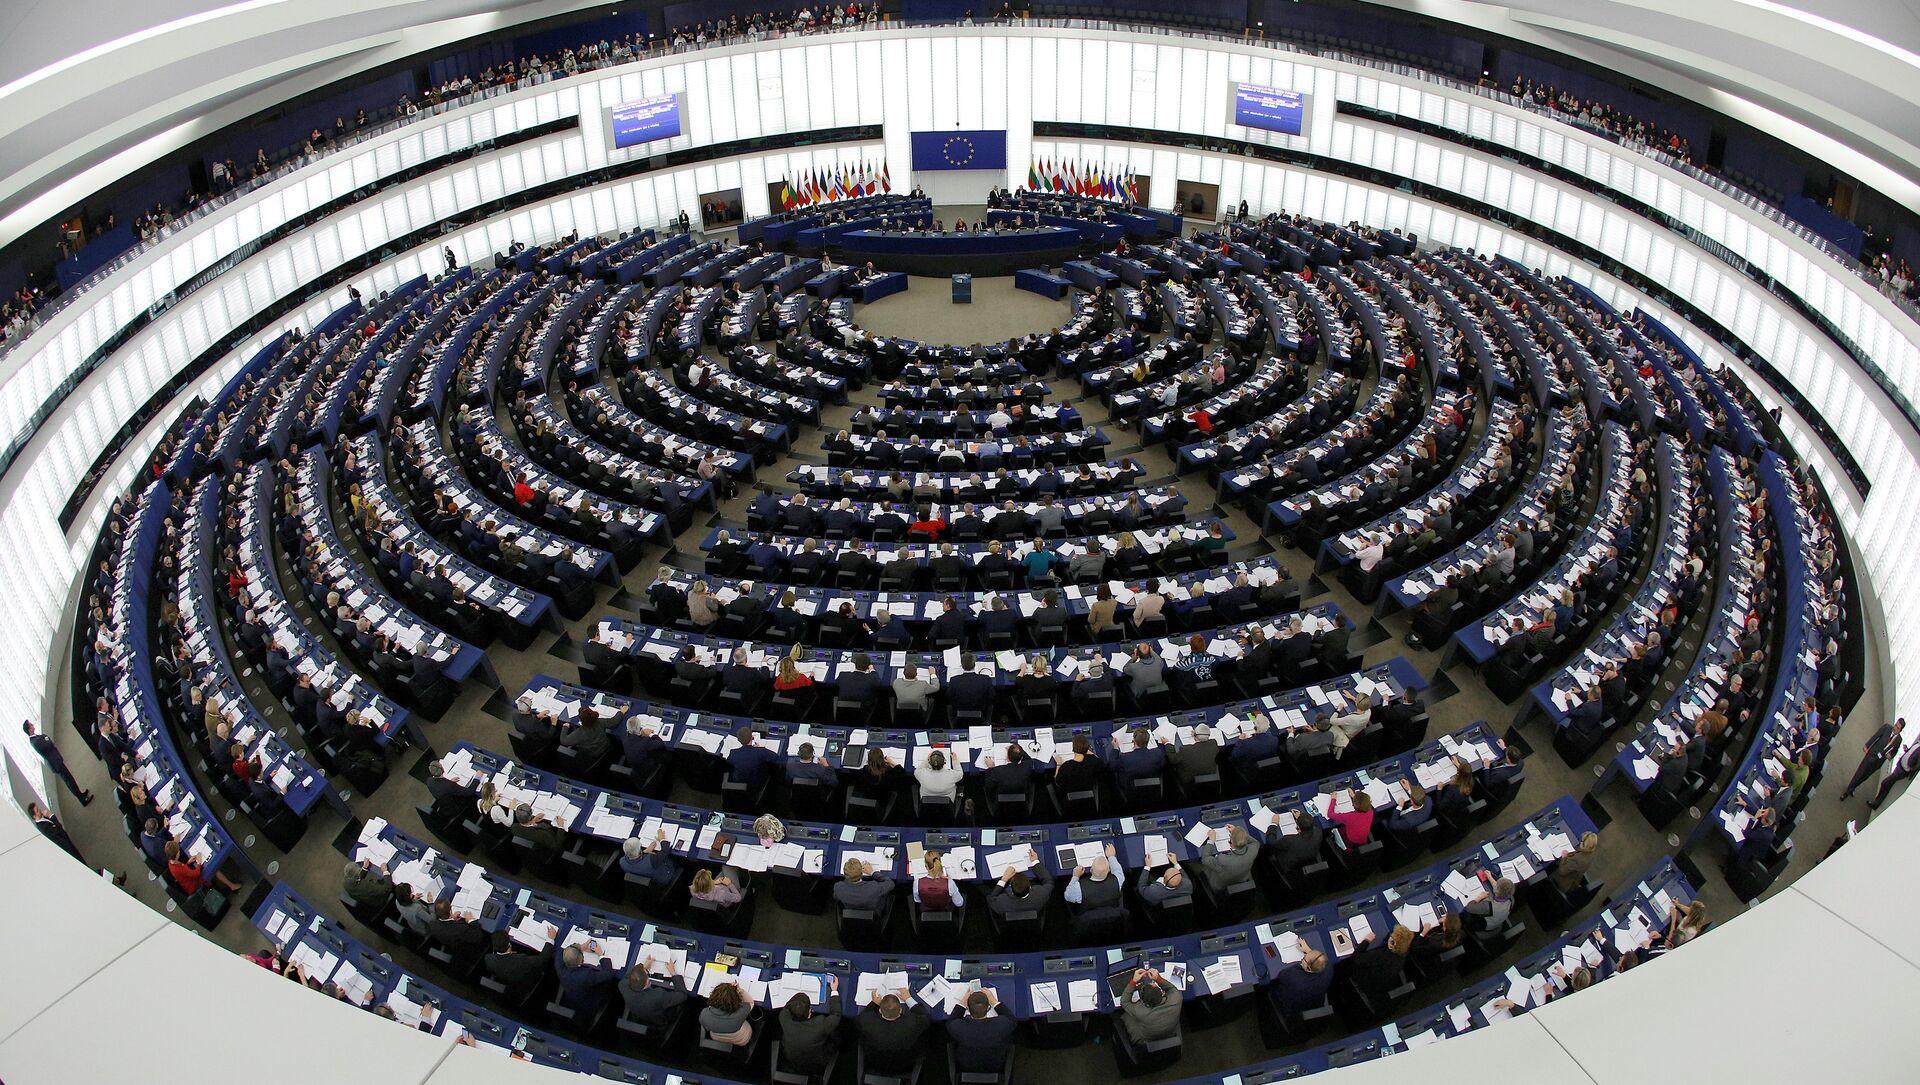 Avrupa Parlamentosu - Sputnik Türkiye, 1920, 30.04.2021